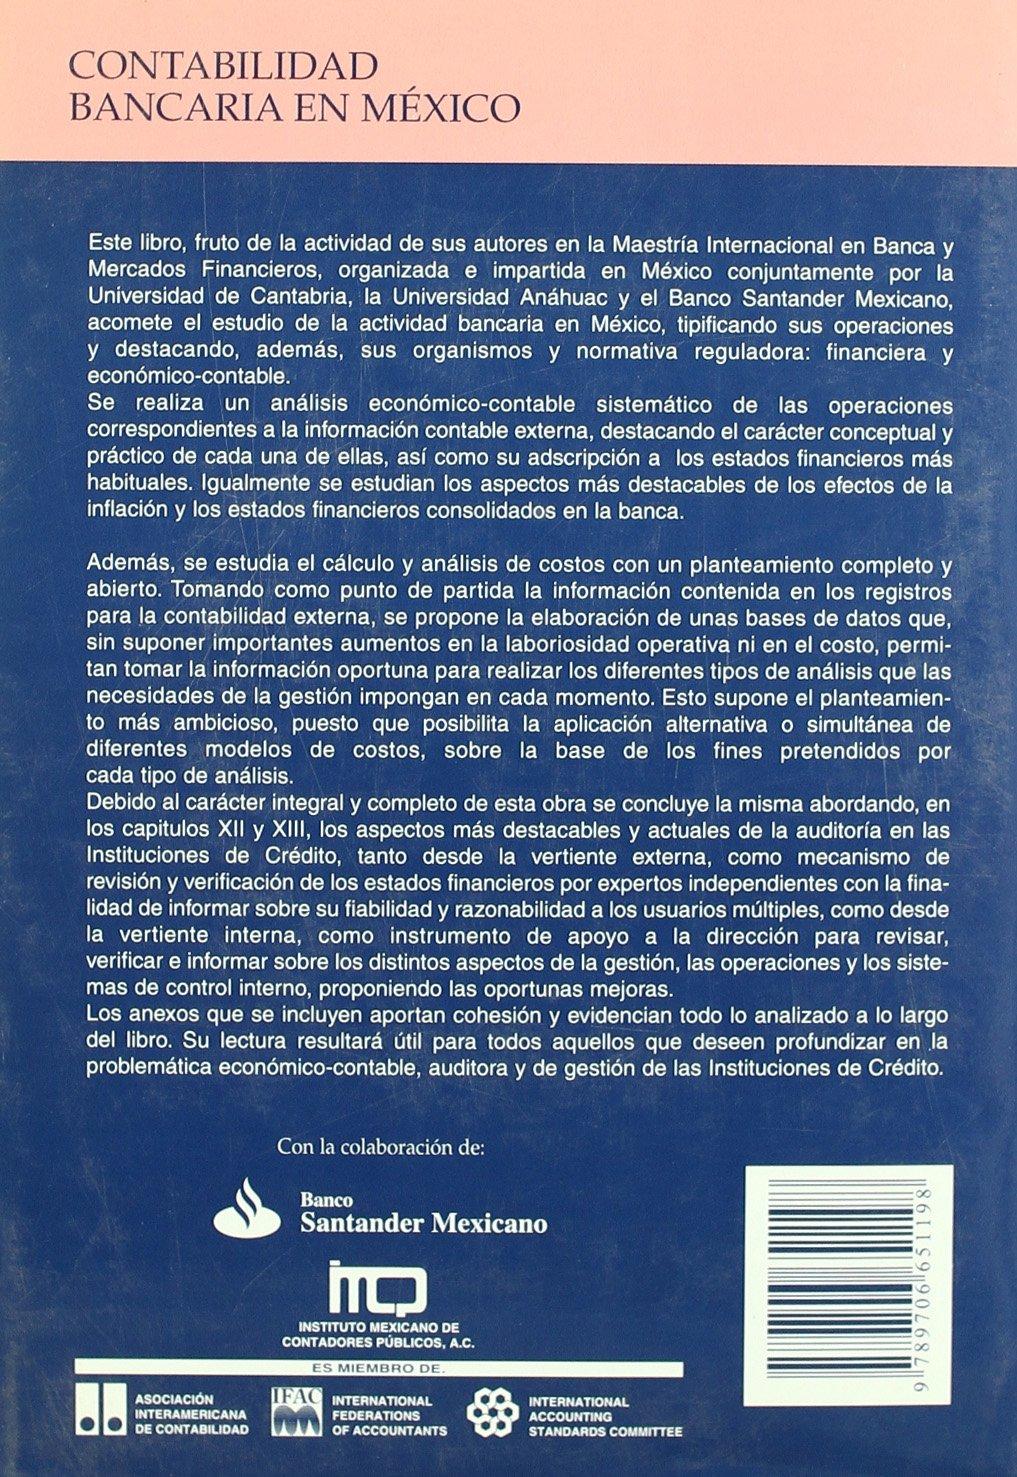 Contabilidad bancaria en México (Difunde): Amazon.es: Salvador Marín Hernández, Francisco Javier Martínez García: Libros